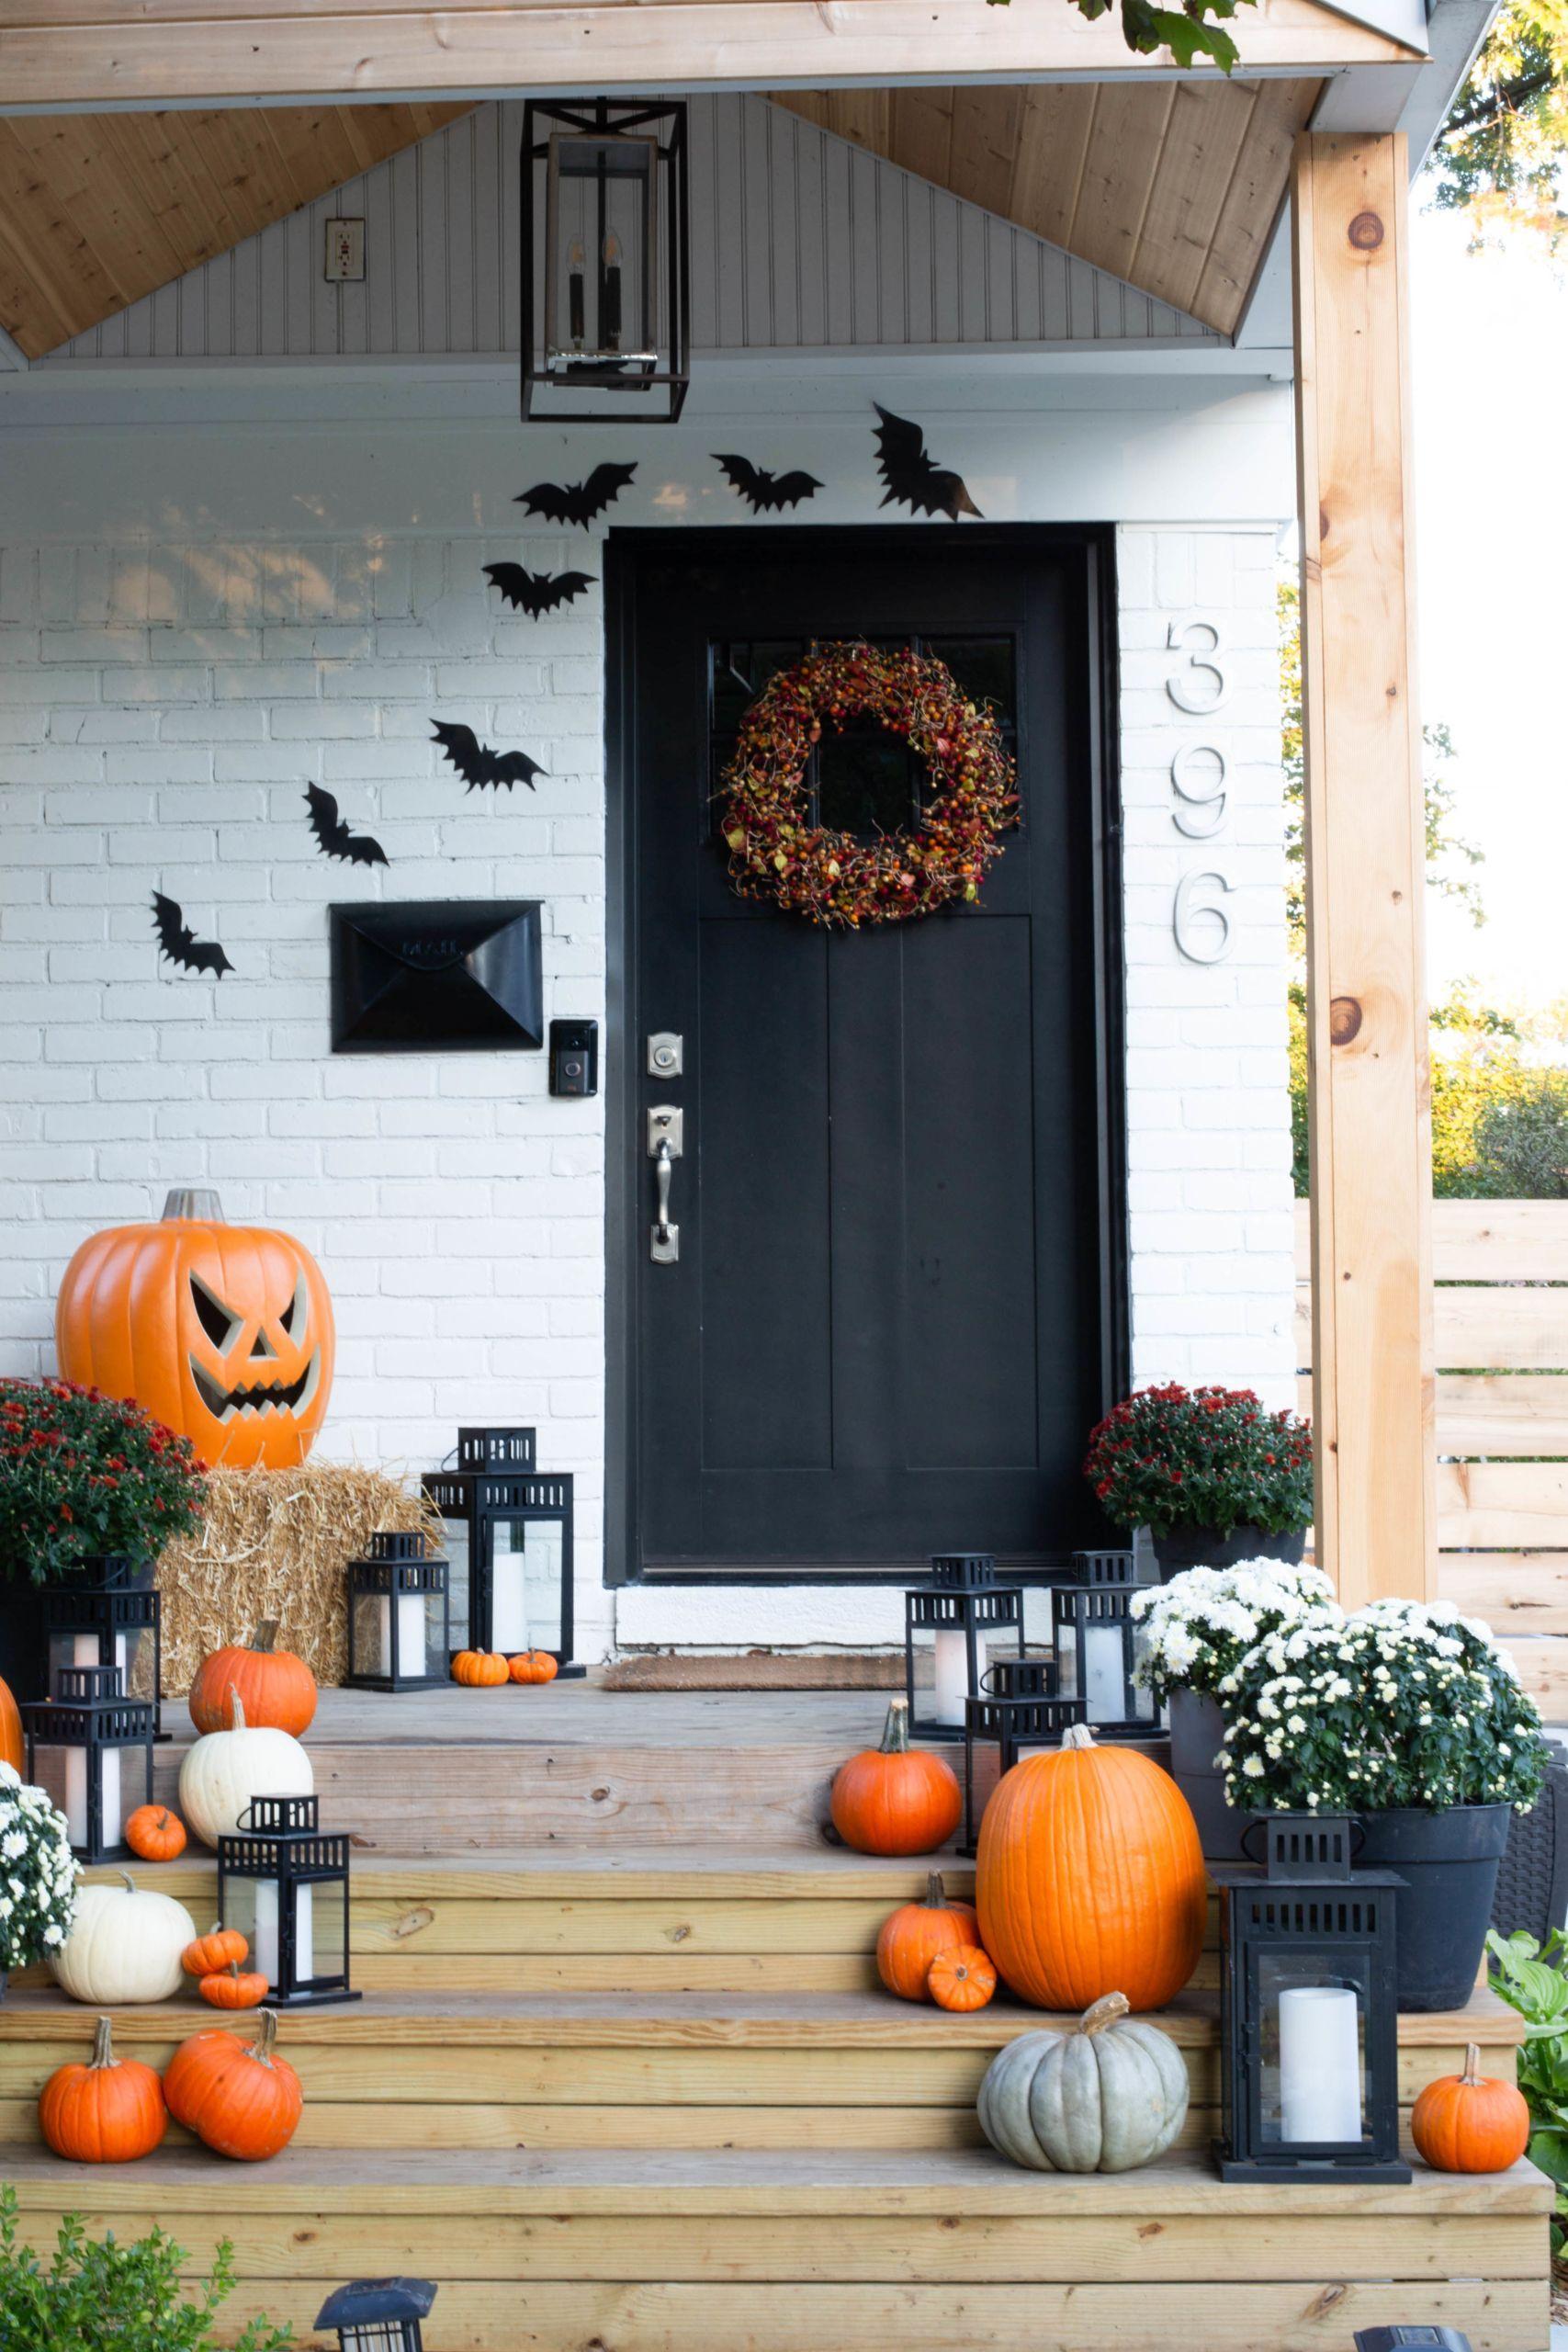 Halloween Decor Ideas 13 Fun Halloween Porch And Door Decor Ideas In 2020 Halloween Front Porch Decor Halloween House Halloween Porch